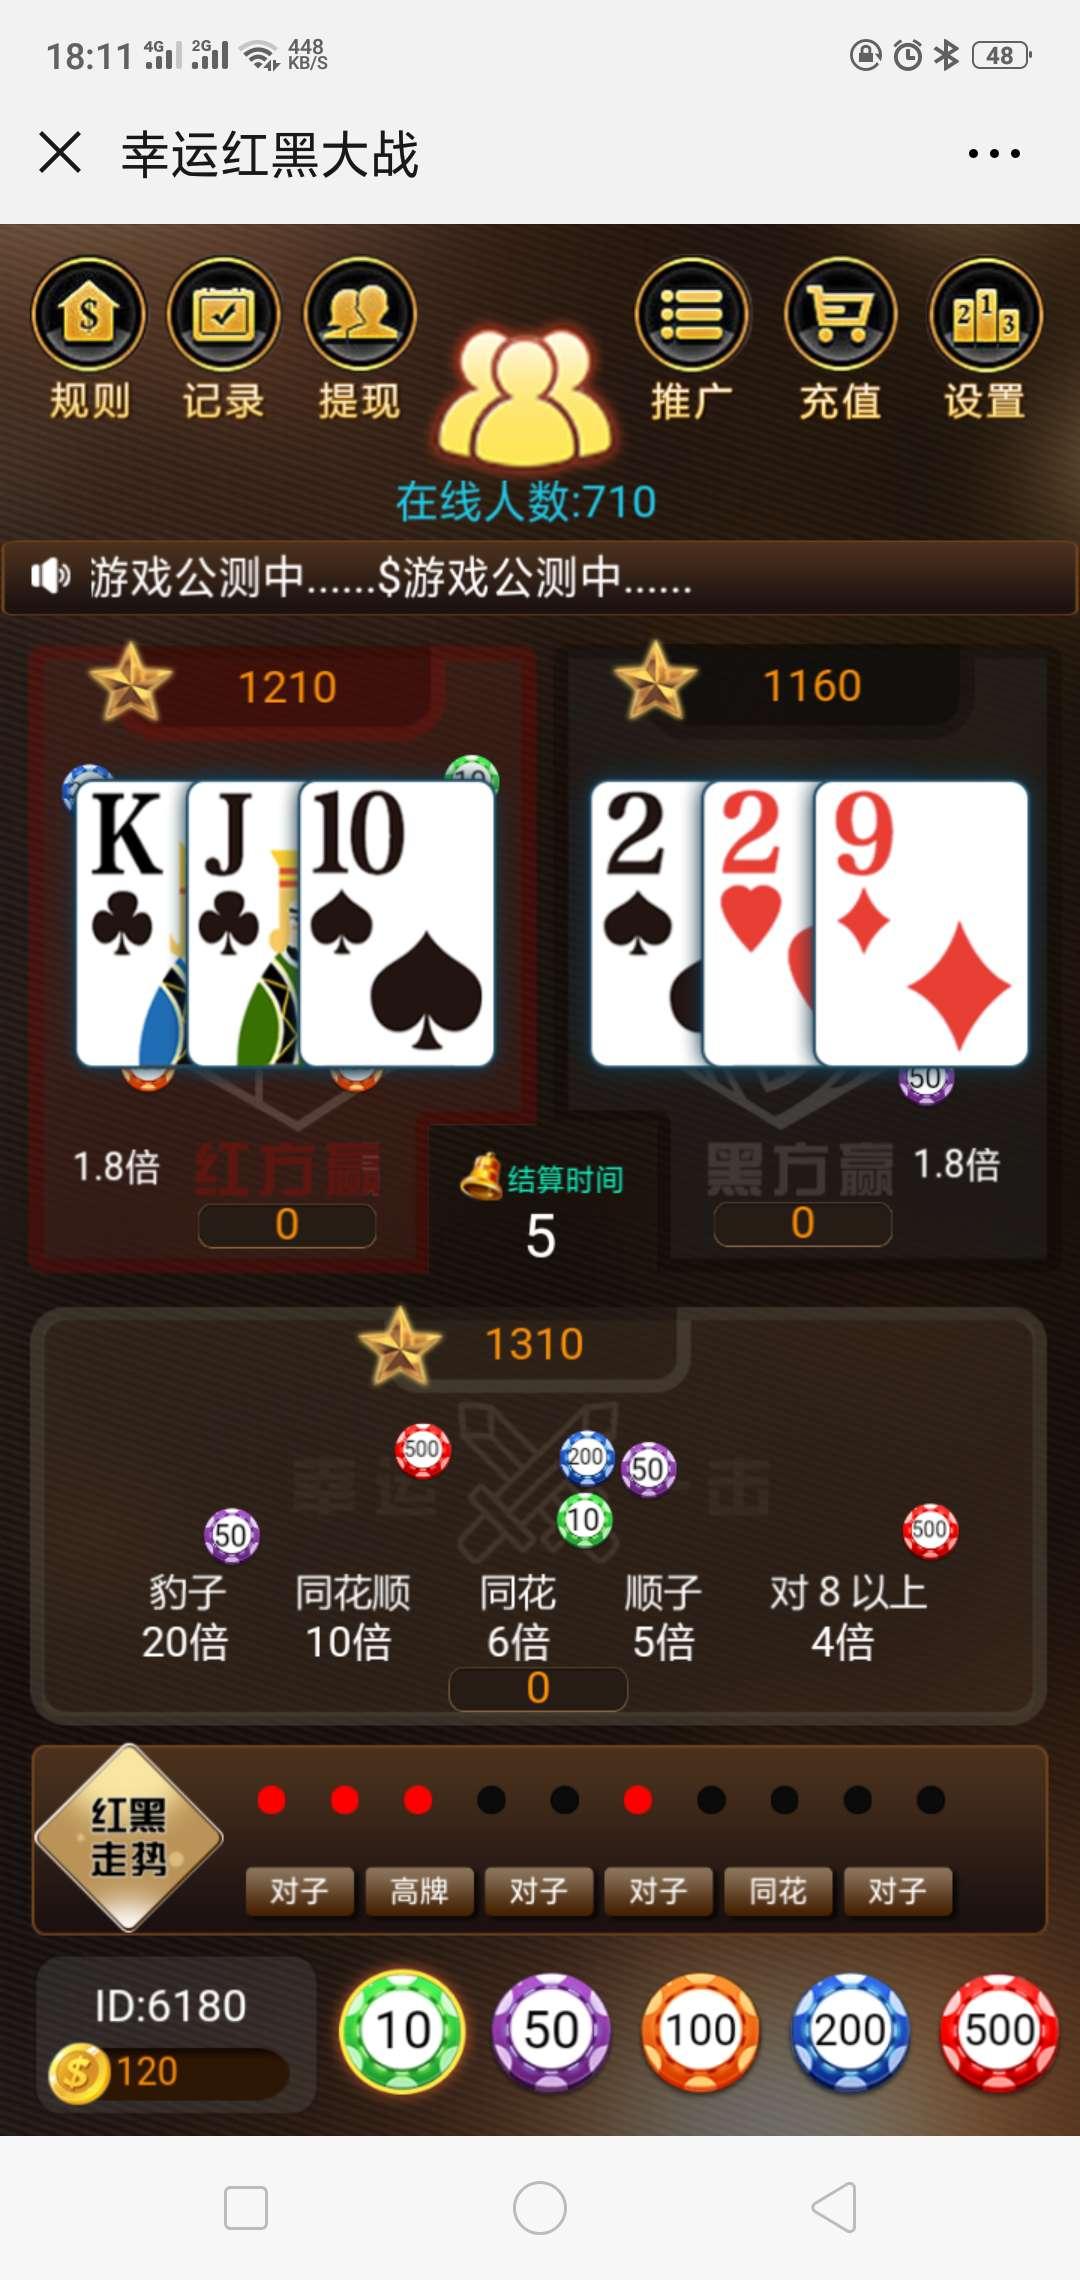 价值3800 h5游戏开发红黑大战诈金花 六级返佣插图(2)